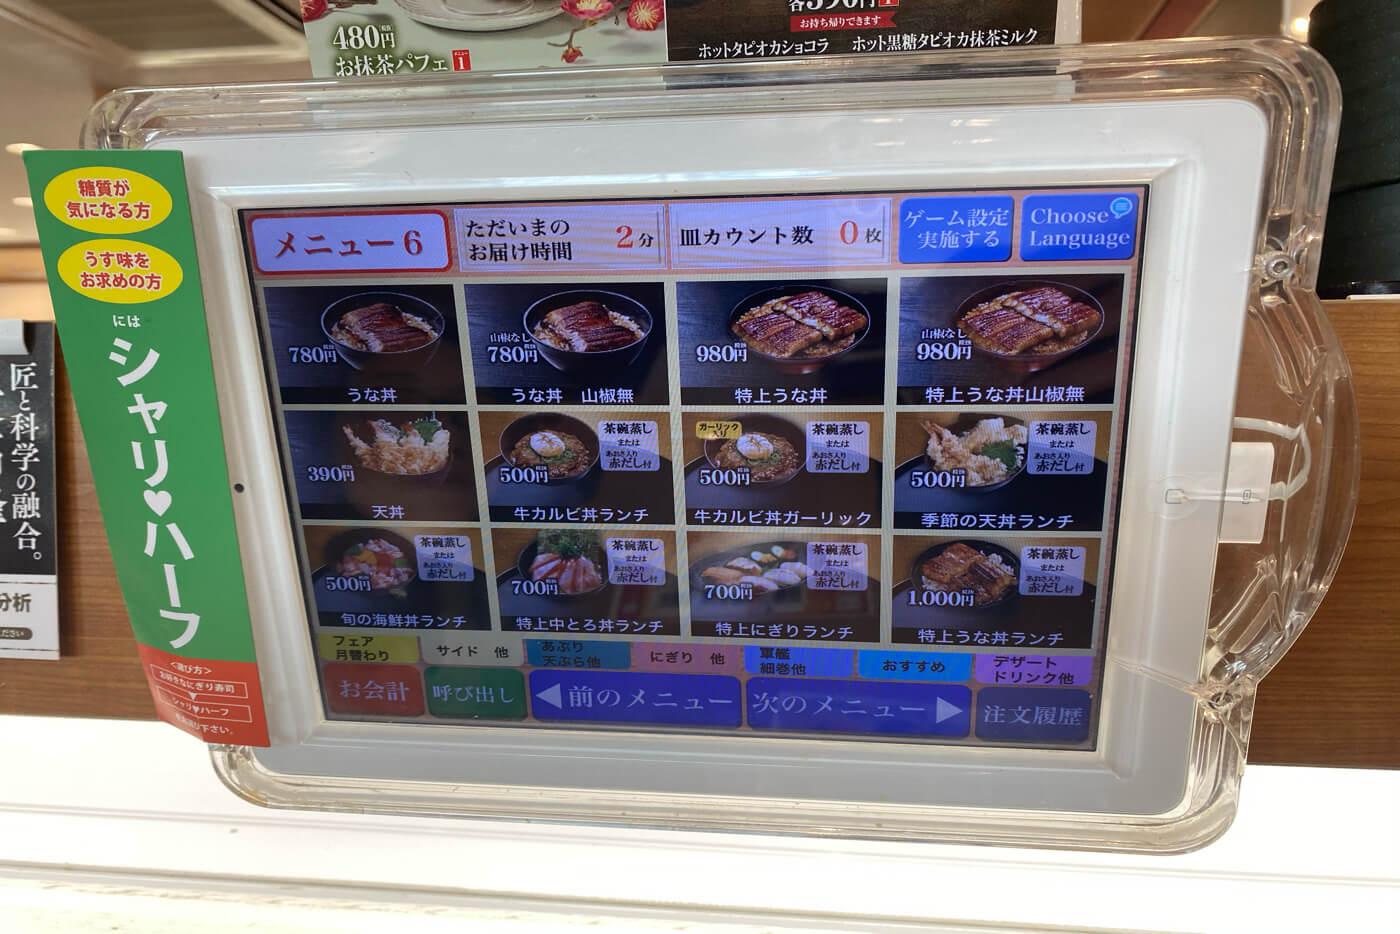 くら寿司 タッチパネル ランチメニュー